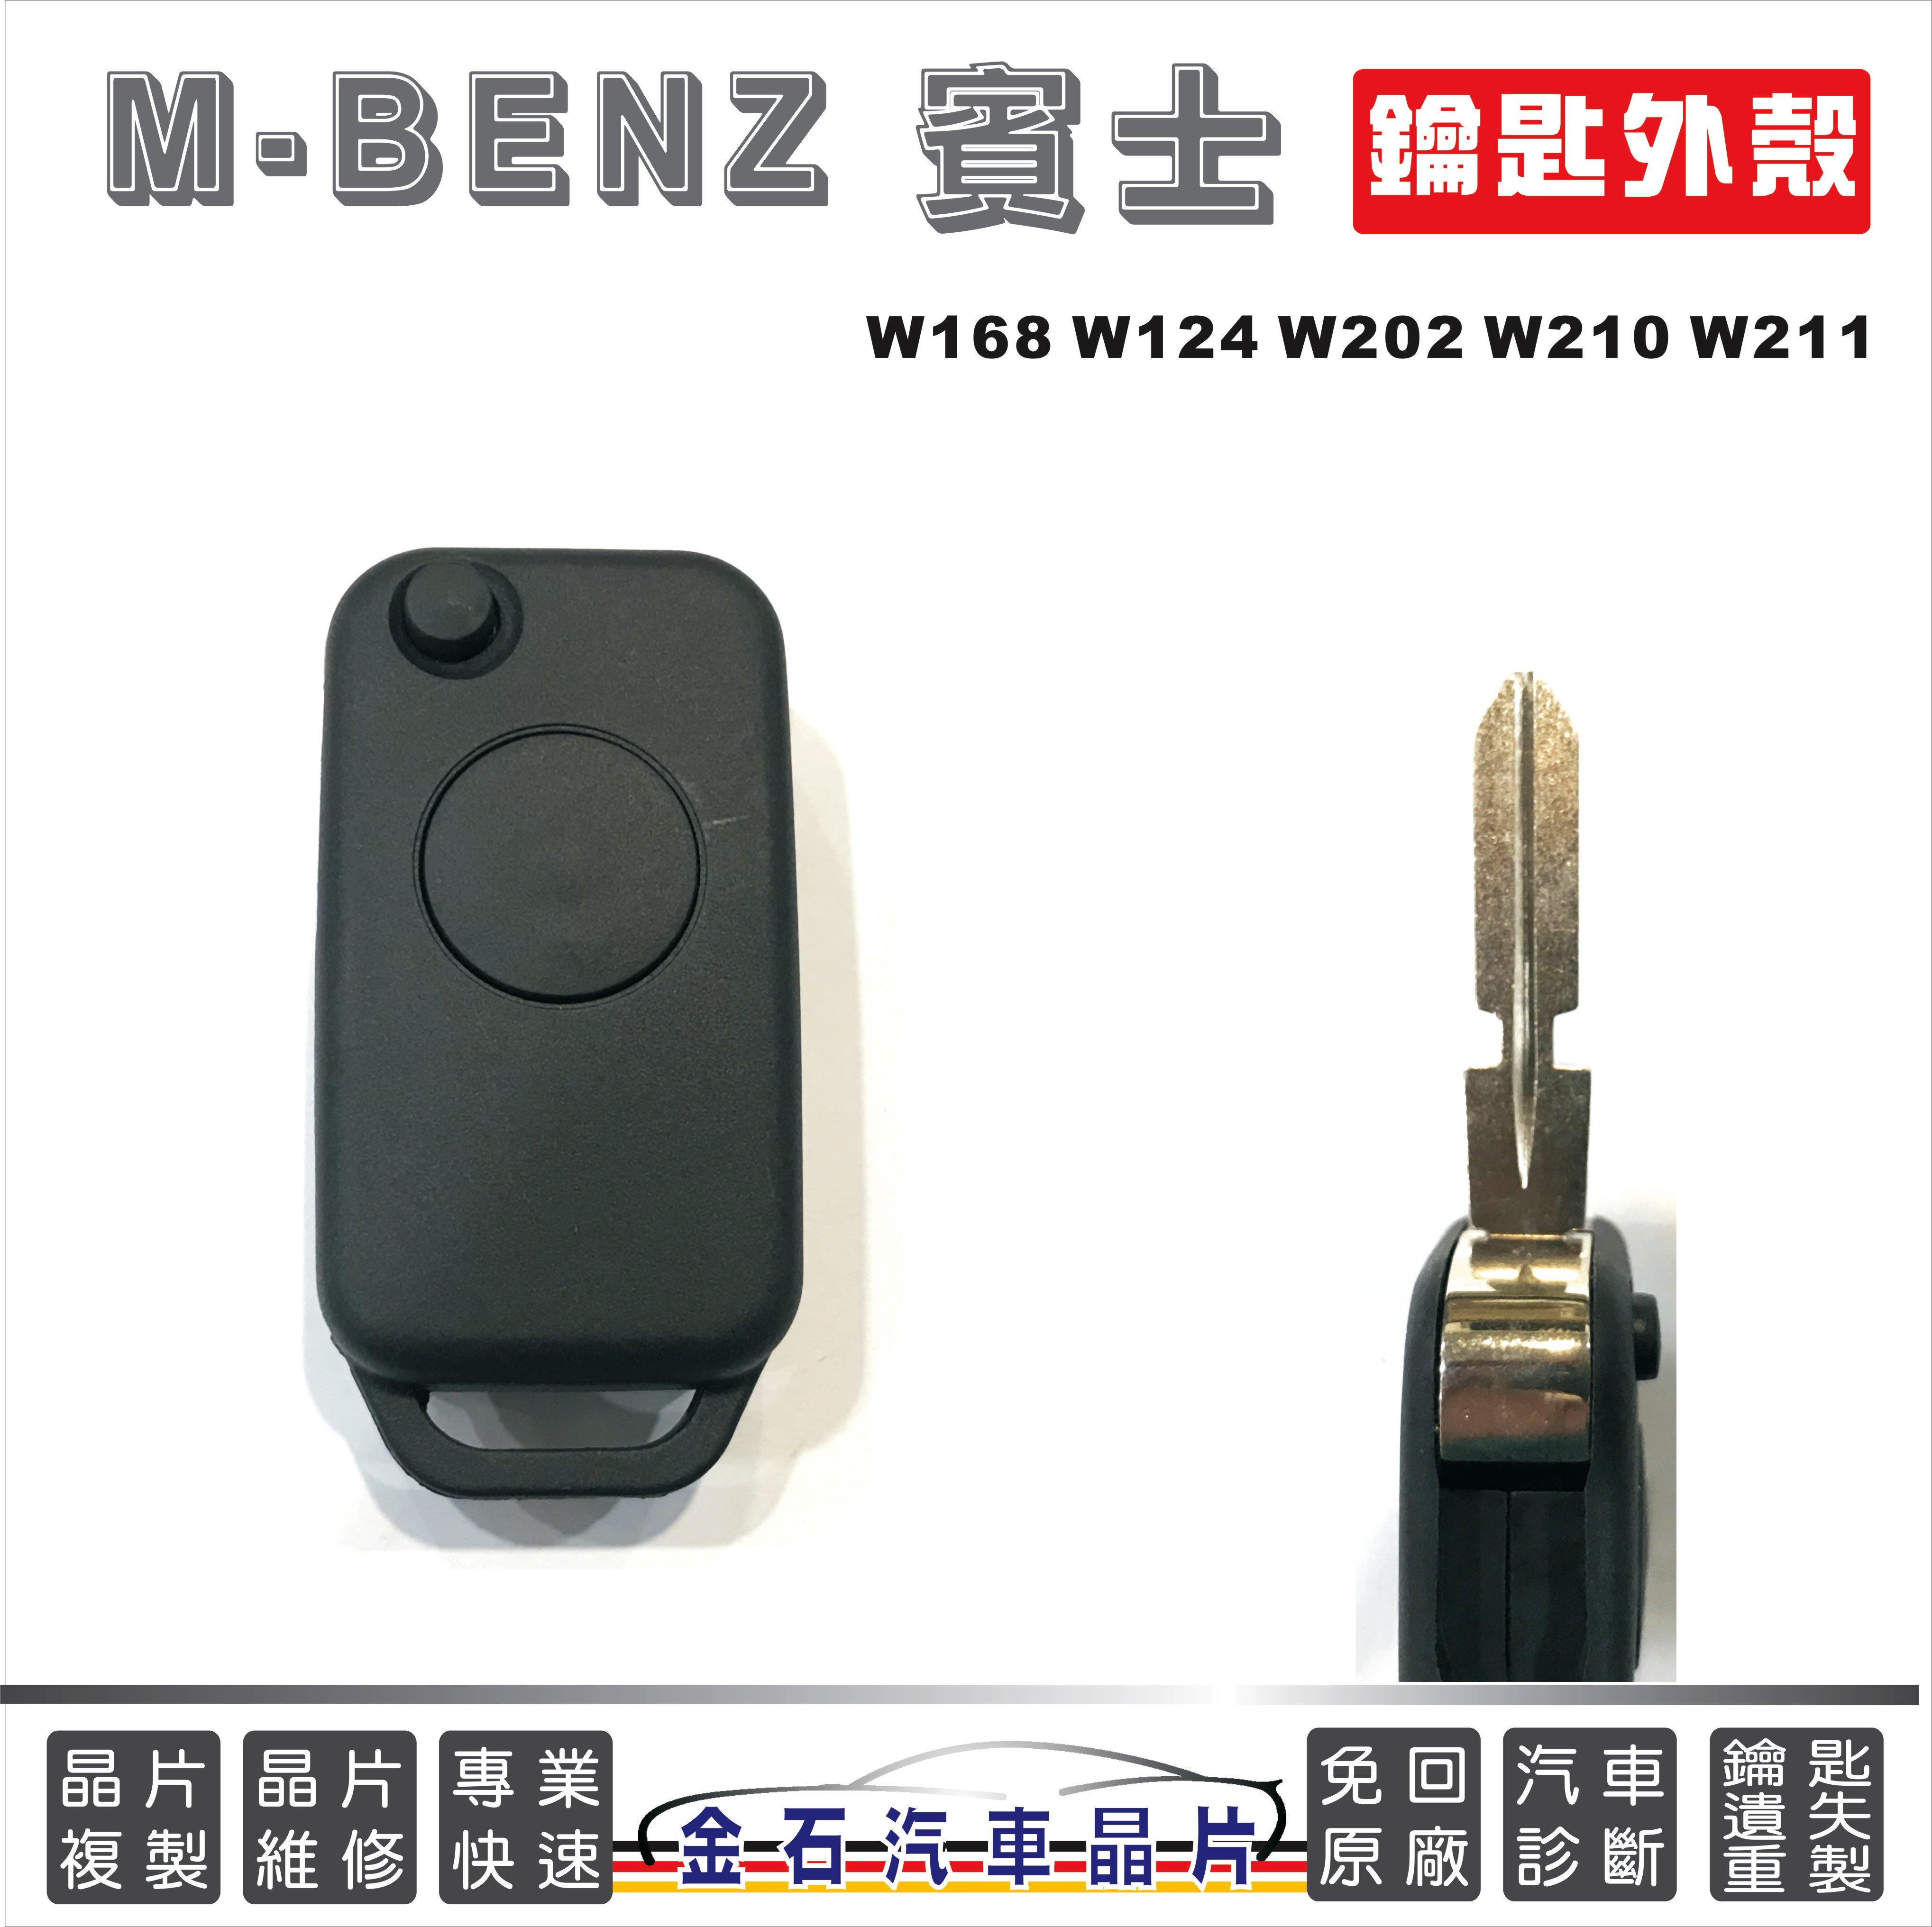 M-BENZ 賓士 w168 w124 w140 w202 w211 w210 汽車鑰匙殼 換殼 外殼